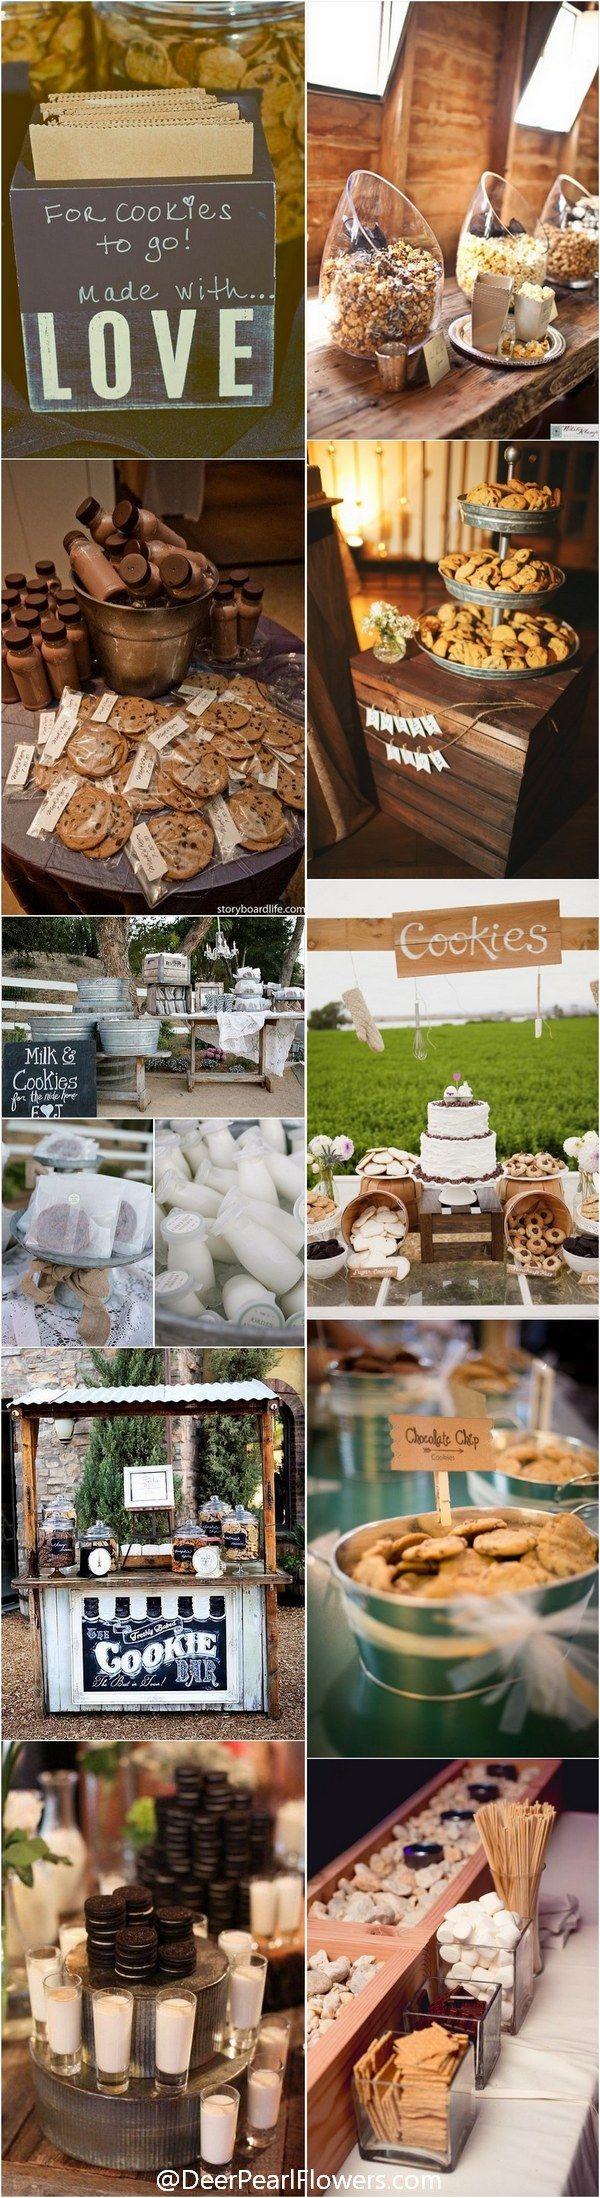 Rustic country wedding food ideas - Milk and cookies for wedding /  / http://www.deerpearlflowers.com/wedding-smore-cookies-milk-bar-ideas/